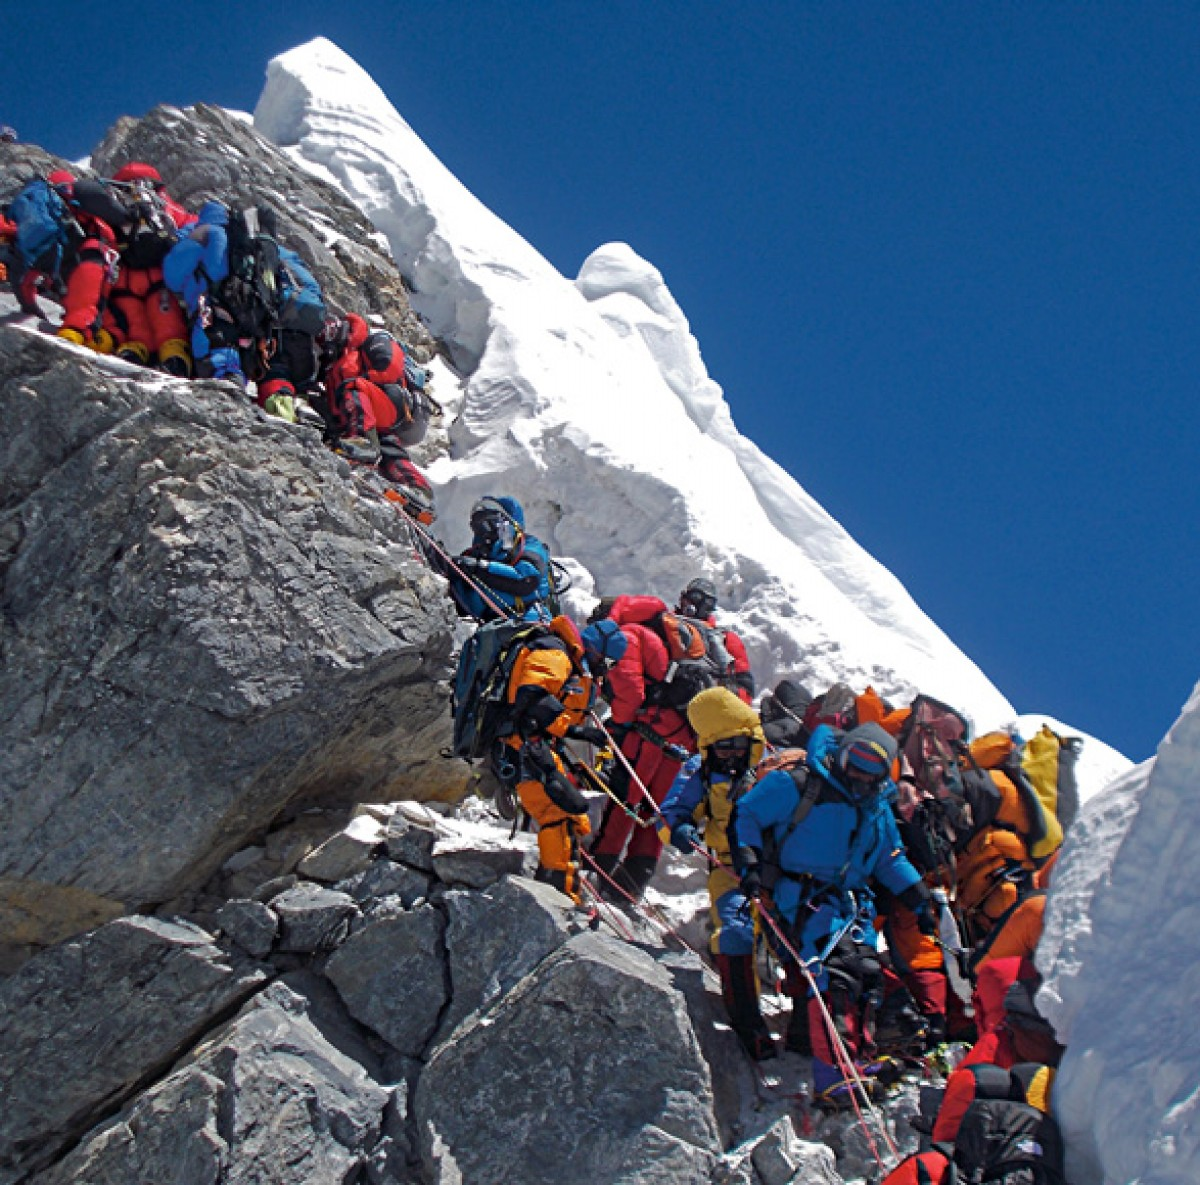 Rută nouă spre Everest, după tragicul accident din 2014